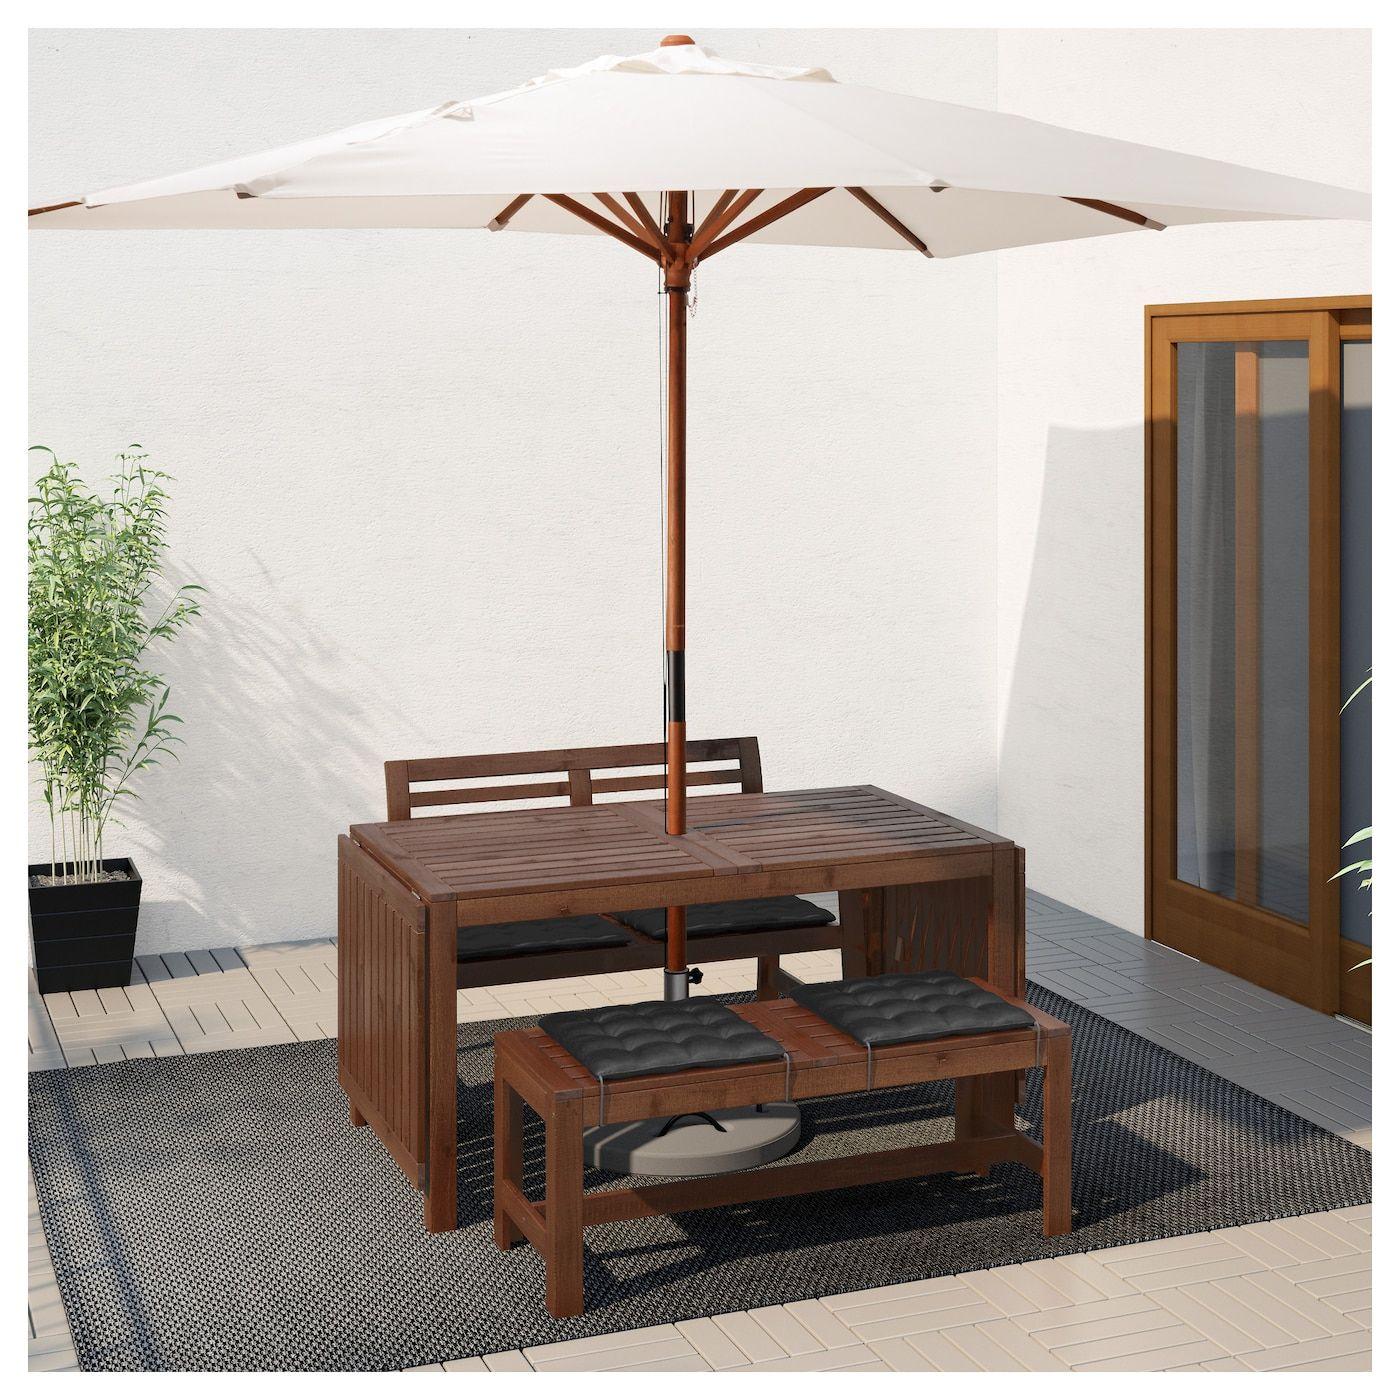 Applaro Tisch 2 Banke Aussen Braun Las Stuhlpolster Tisch Und